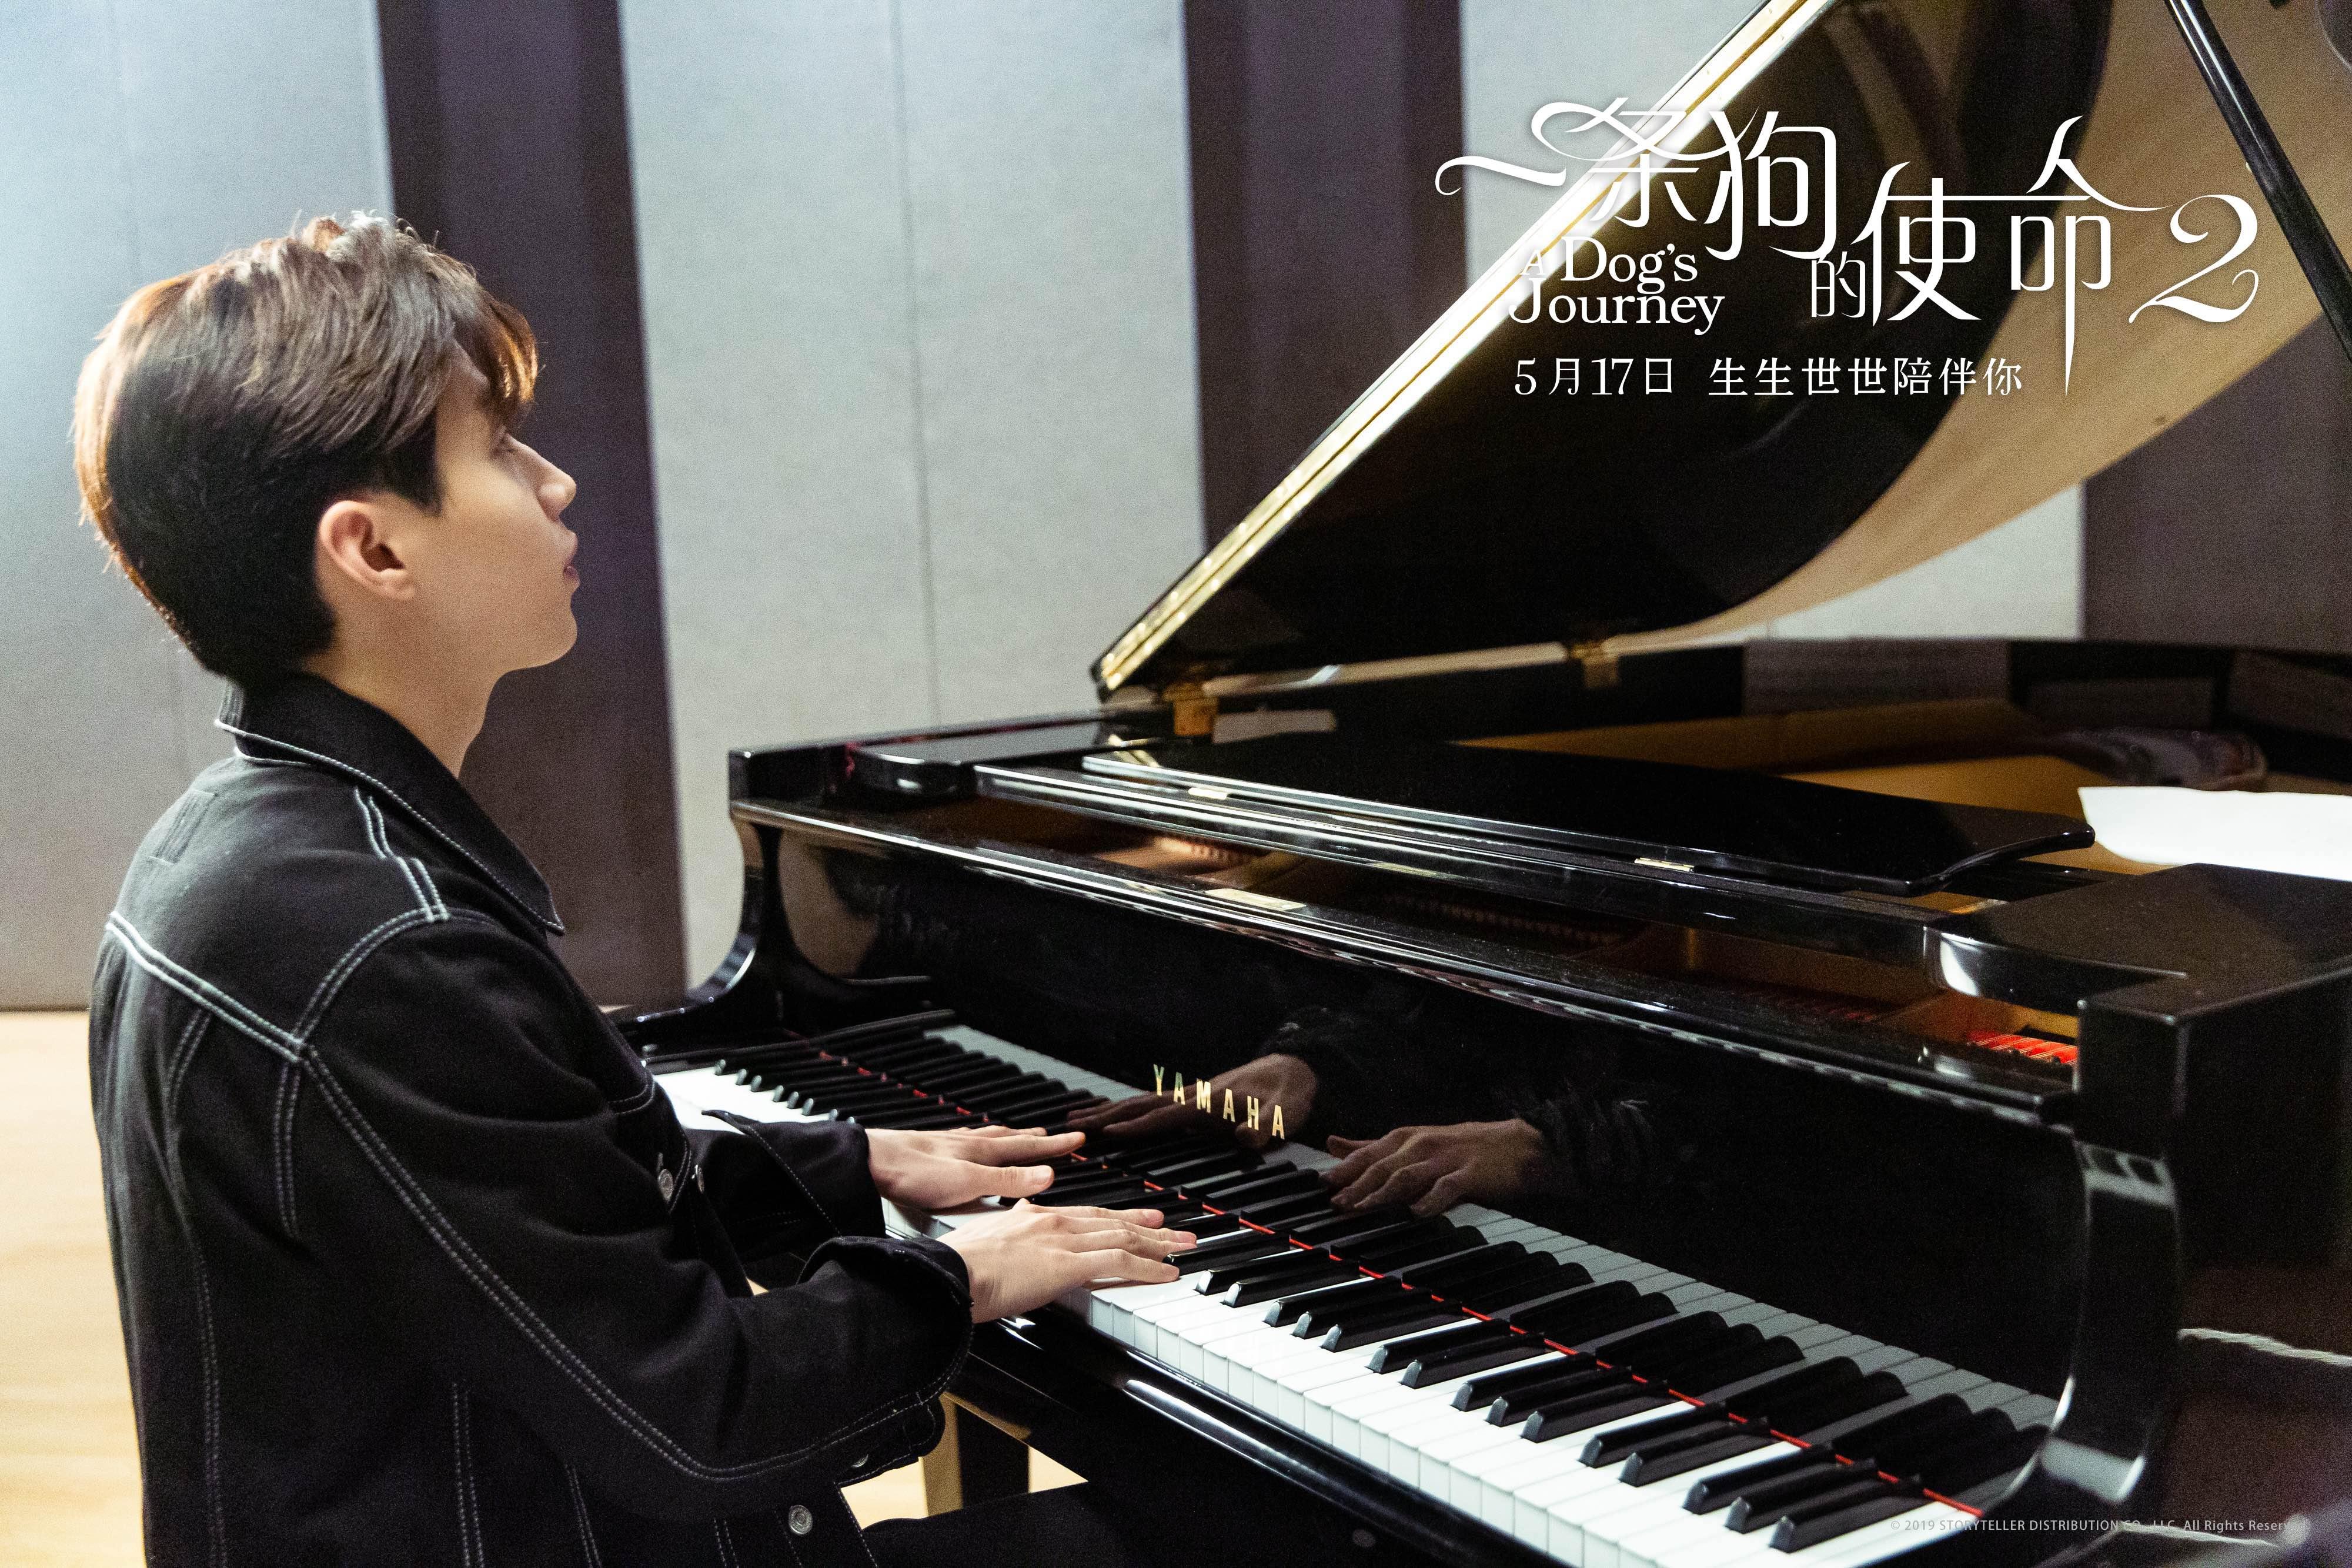 海吉星云狗服务平台_刘宪华献唱《一条狗的使命2》推广曲《当你孤单你会想起谁》_贝利